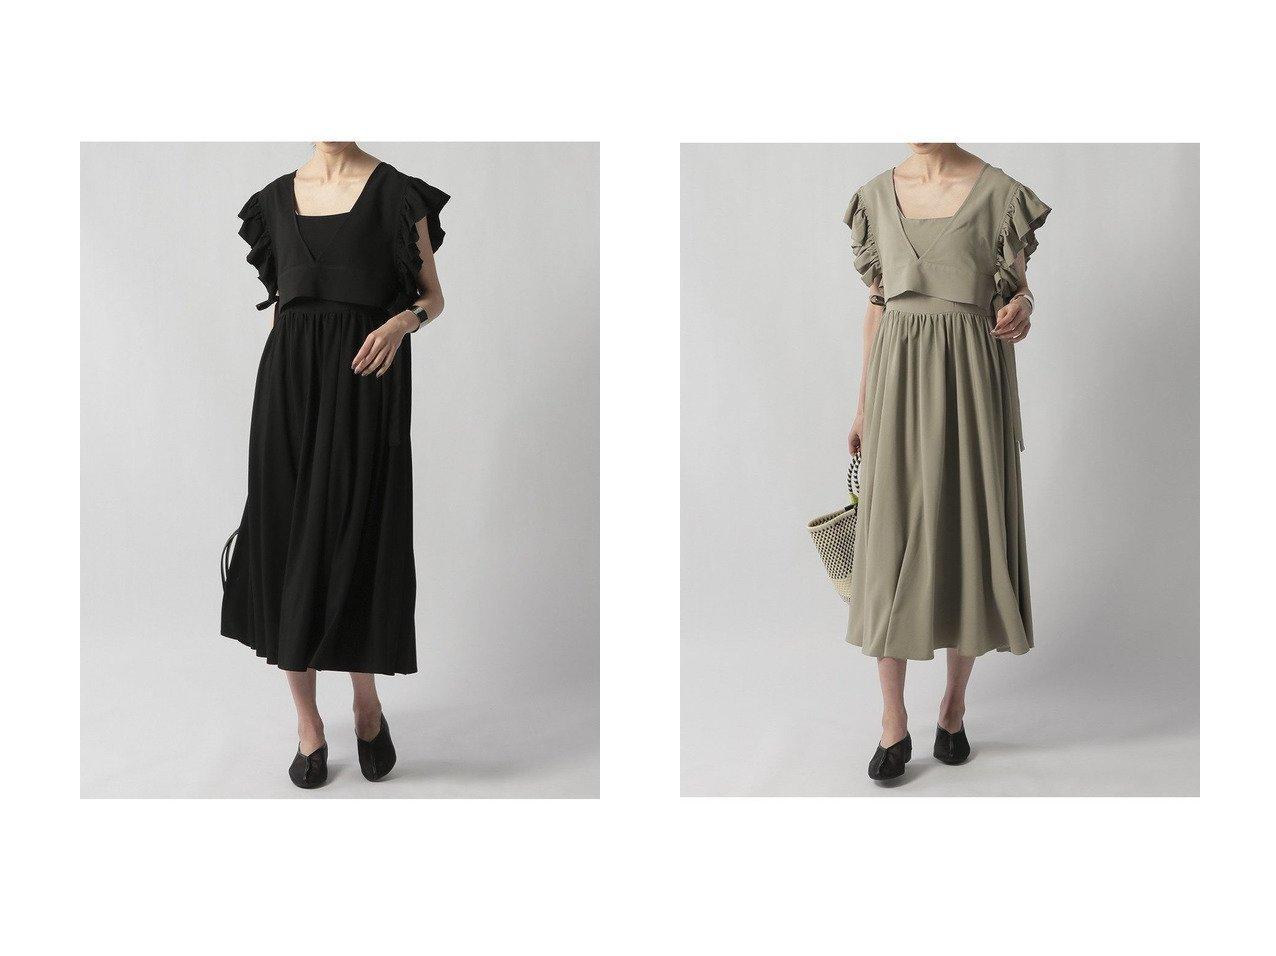 【Ezick/エジック】のボレロセットキャミOP 【ワンピース・ドレス】おすすめ!人気、トレンド・レディースファッションの通販  おすすめで人気の流行・トレンド、ファッションの通販商品 インテリア・家具・メンズファッション・キッズファッション・レディースファッション・服の通販 founy(ファニー) https://founy.com/ ファッション Fashion レディースファッション WOMEN アウター Coat Outerwear ボレロ Bolero jackets おすすめ Recommend キャミソール ギャザー フィット フリル ボレロ リボン ロング 切替 |ID:crp329100000049255